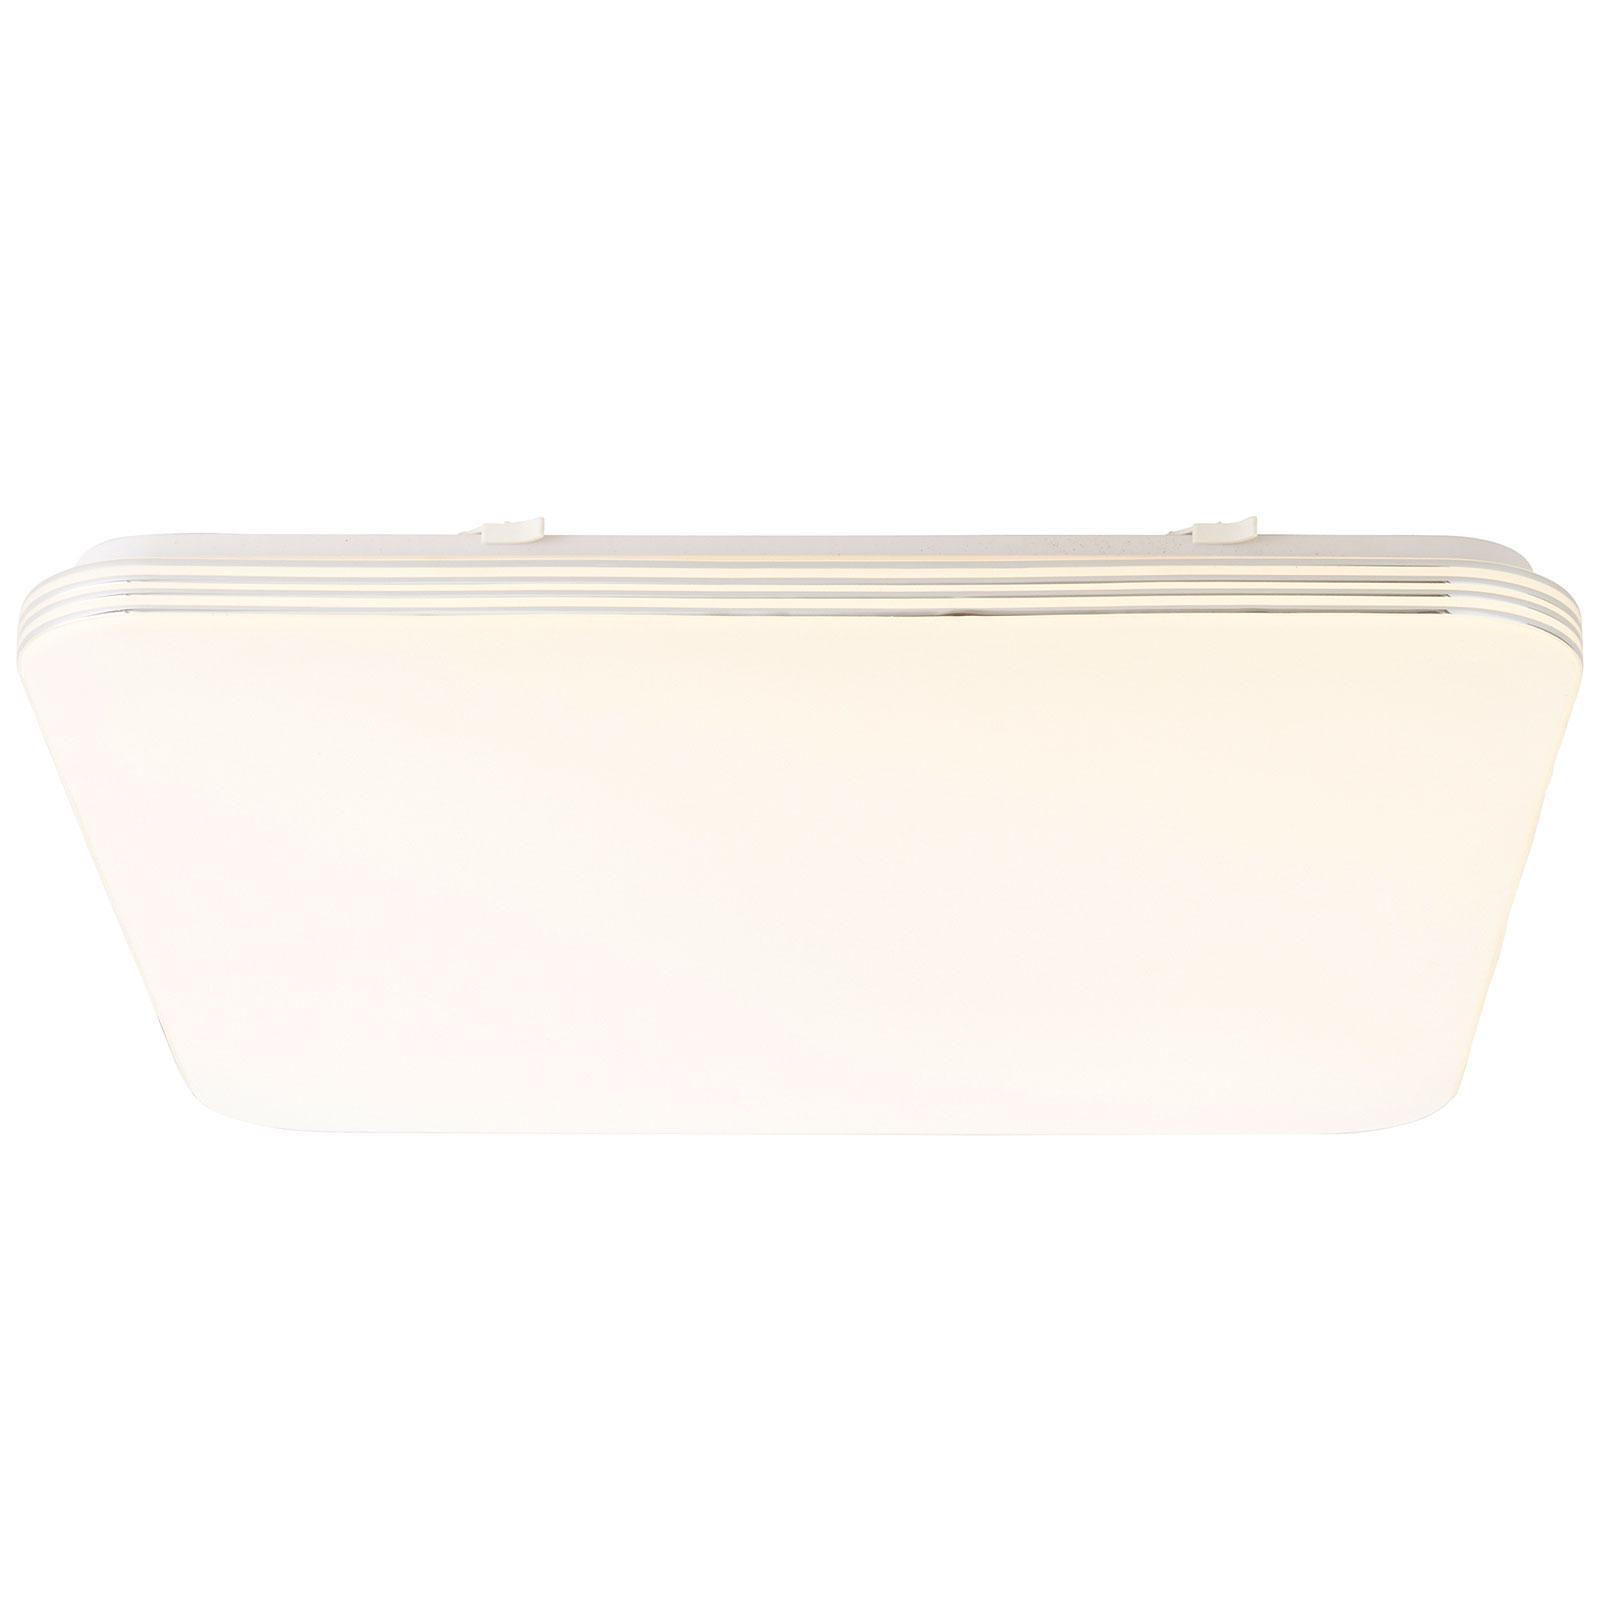 LED-Deckenleuchte Ariella in Weiß/Chrom, 54x54 cm